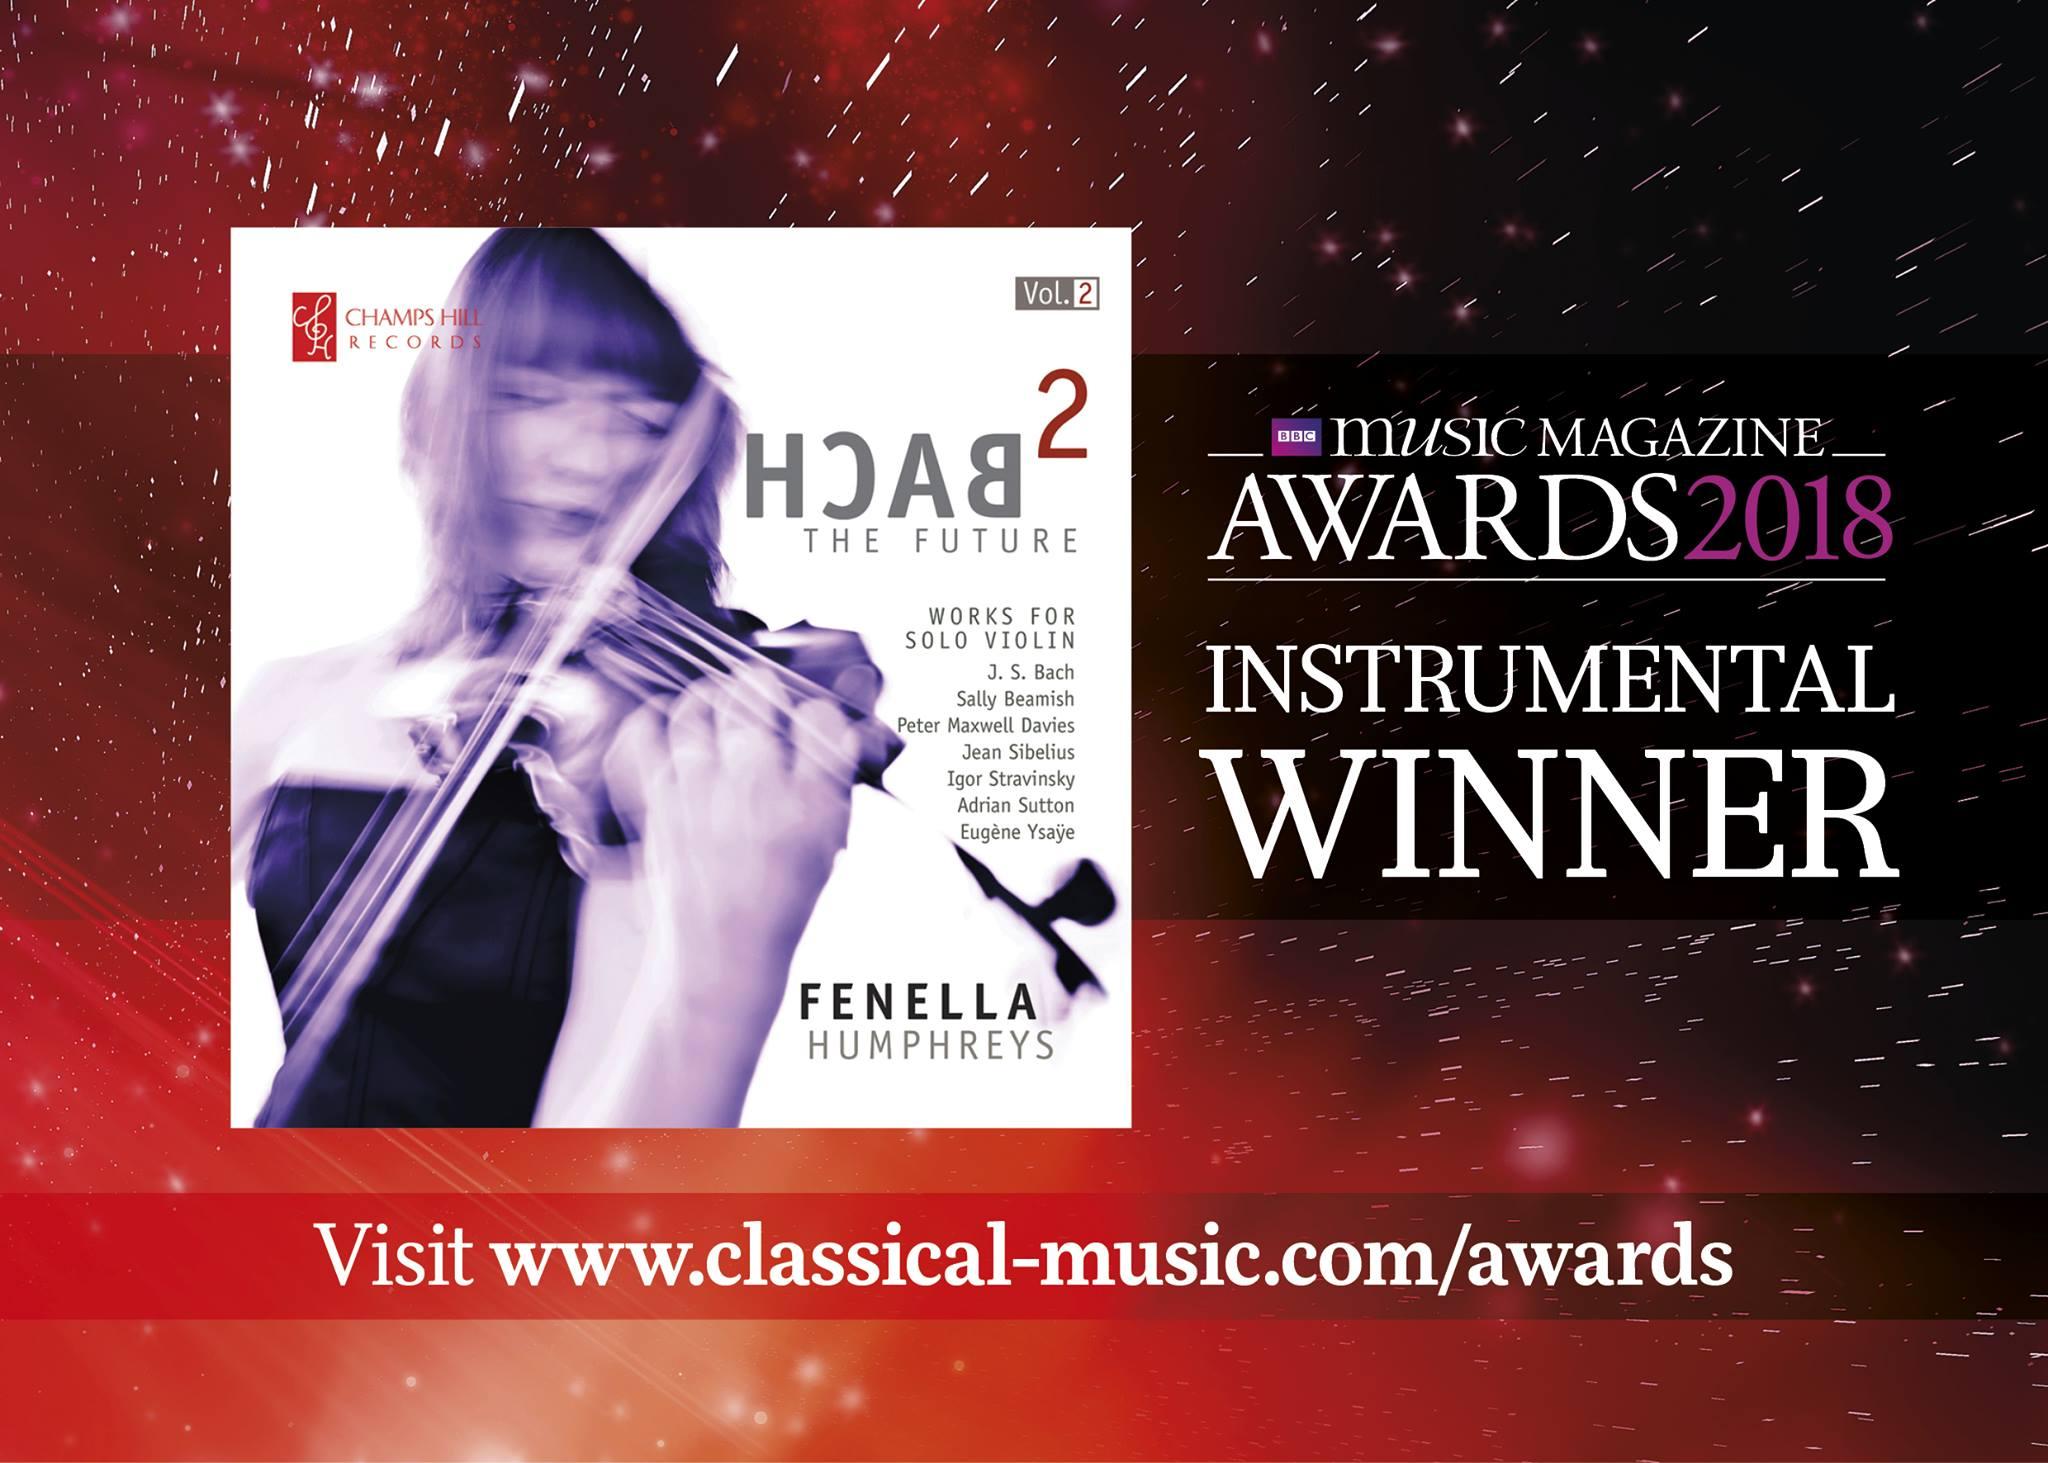 Fenella win.jpg